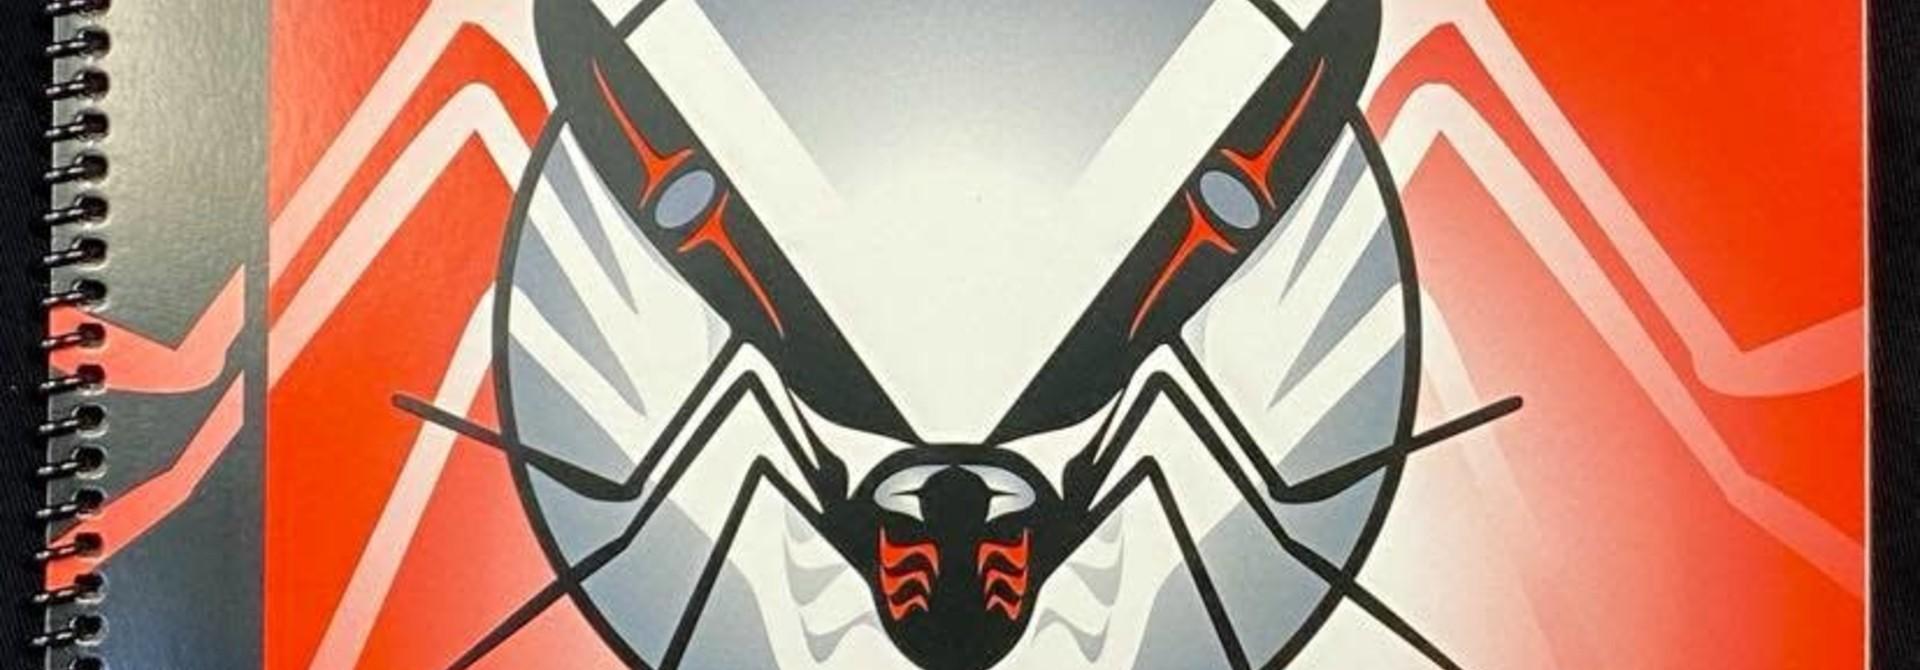 Book - Th'exwiya -The Origin of Mosquito's